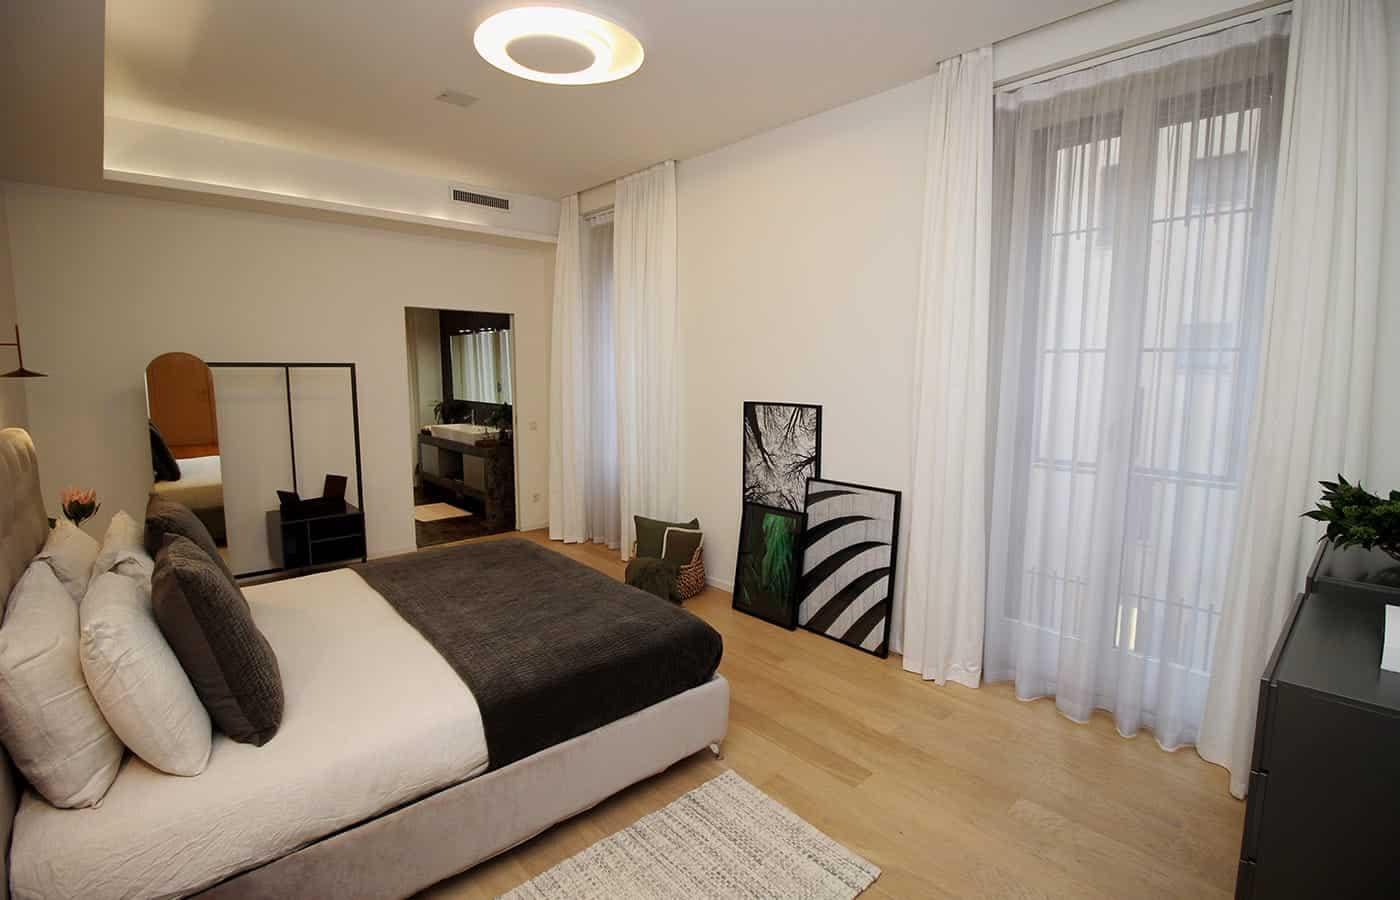 Camera da letto - Progetto Via Santo Spirito Milano - Il Mobile